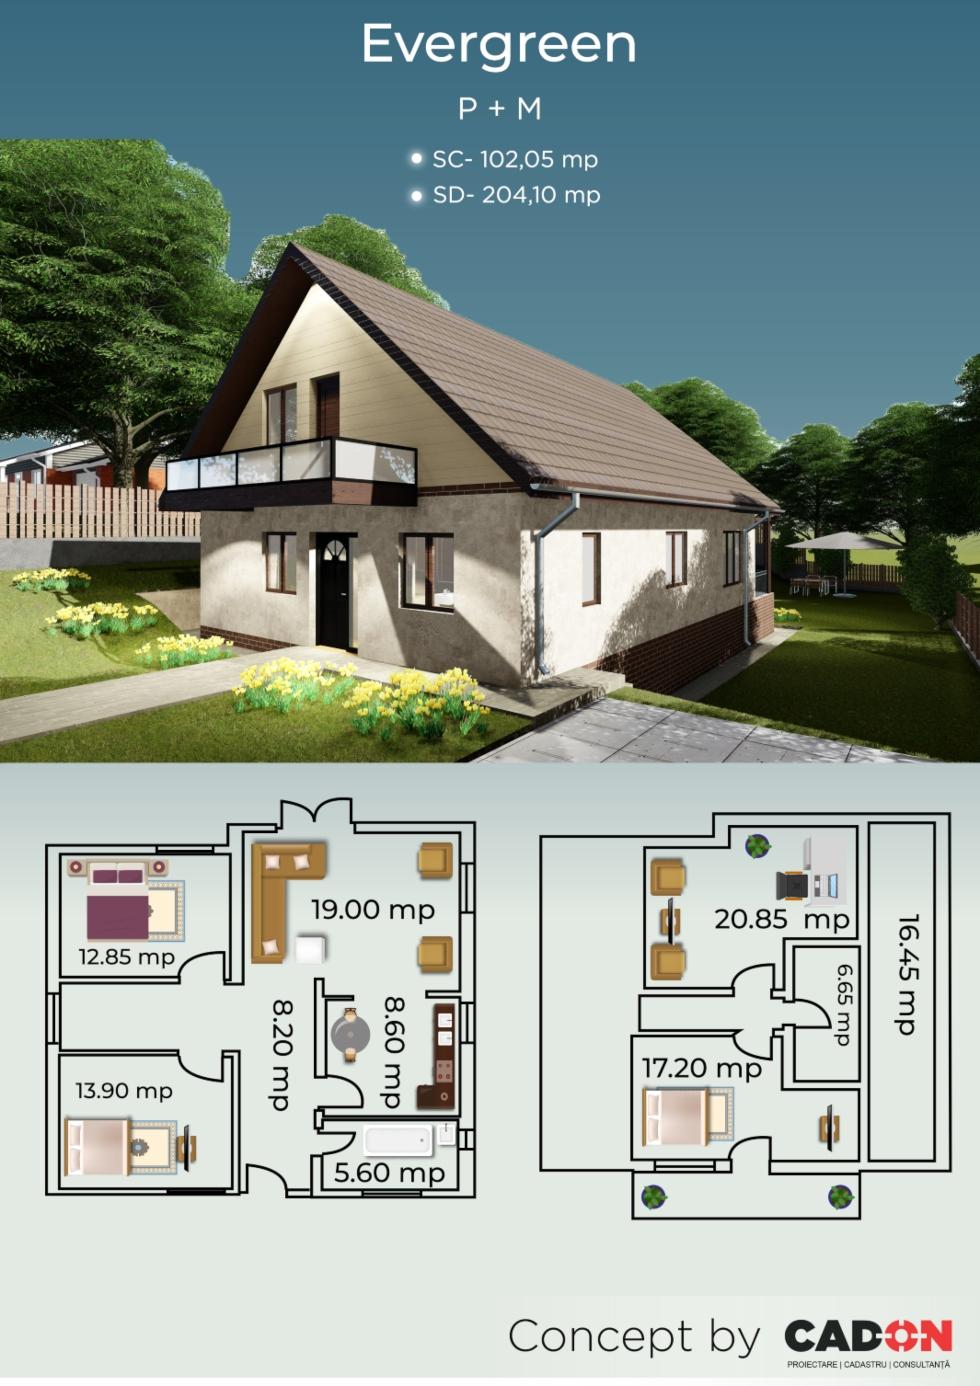 casa Evergreen 1